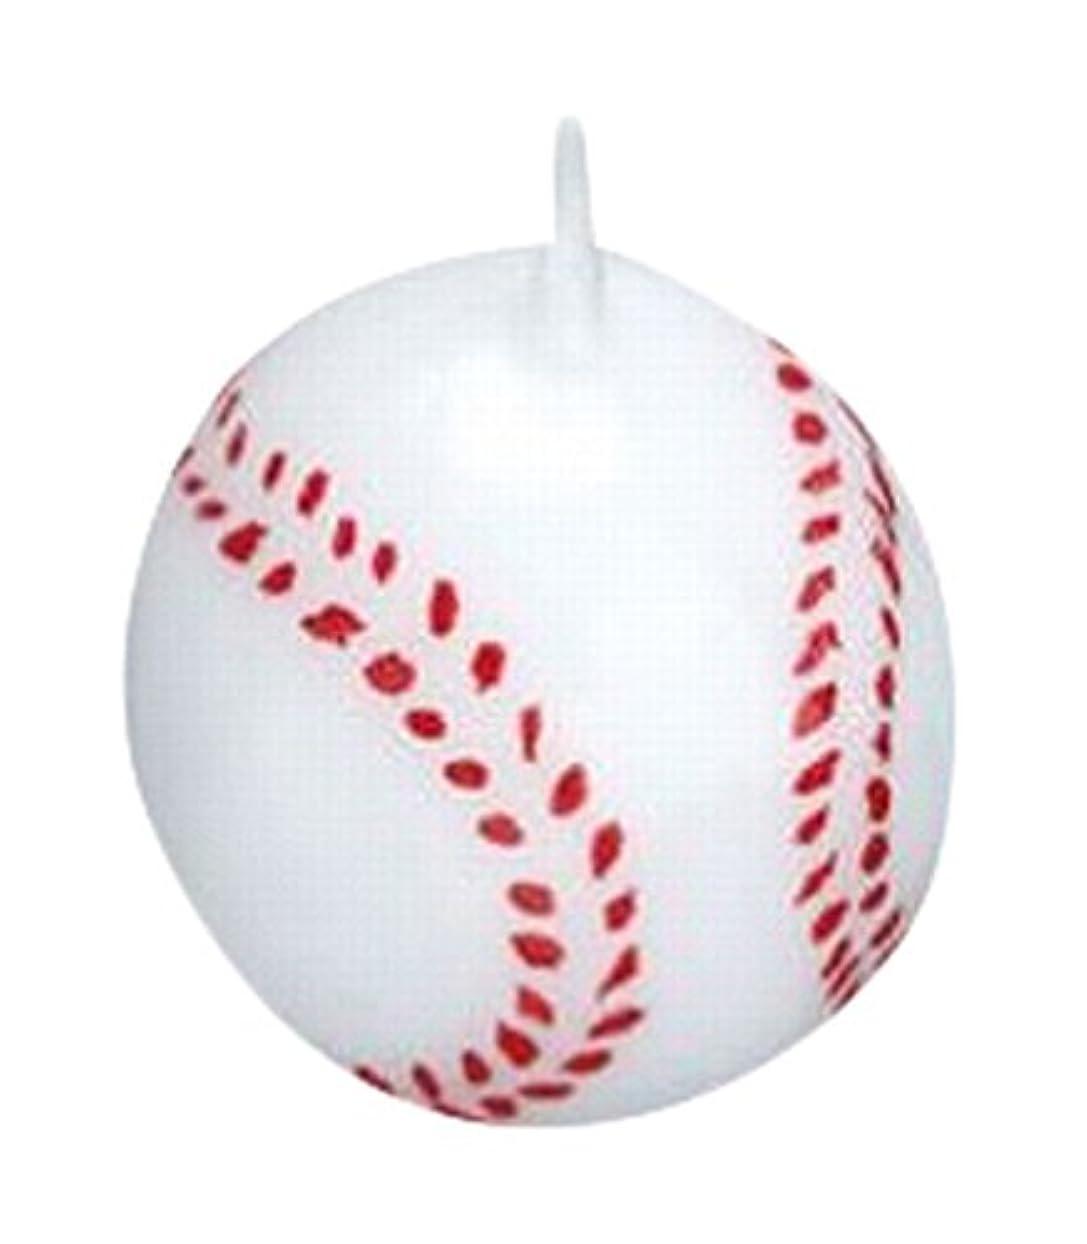 バンジョー郵便屋さん批判的にベースボール3個入り キャンドル 10個セット 55220040